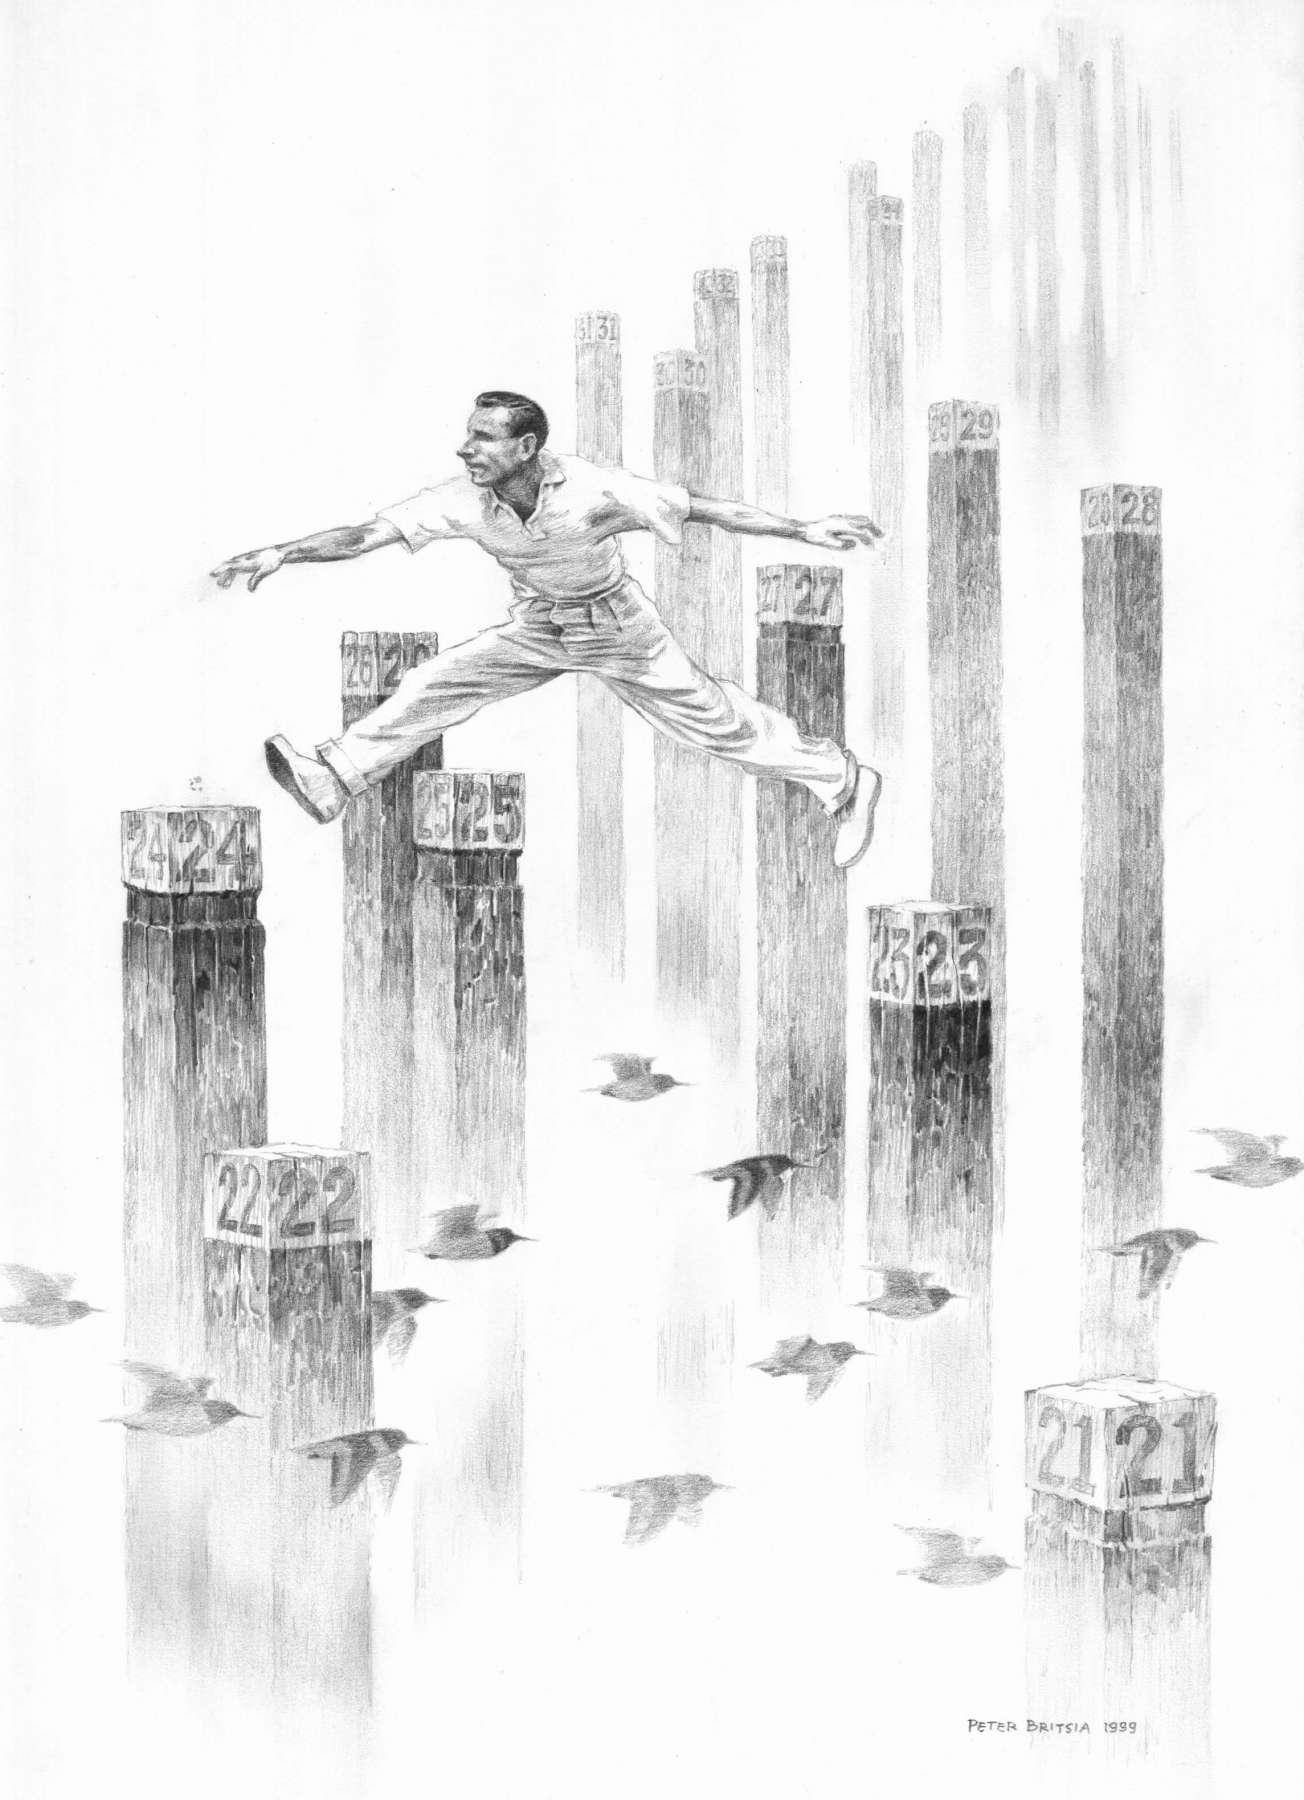 Paalspringer - potloodtekening<br>Met grote moeite volgt de paalspringer de nummers op de wedstrijdpalen. Eeuwige roem wacht hem als hij het tot een goed einde weet te brengen. De vogels snappen niets van al dat gewichtige gedoe. Ze vliegen gewoon waar ze naartoe moeten.